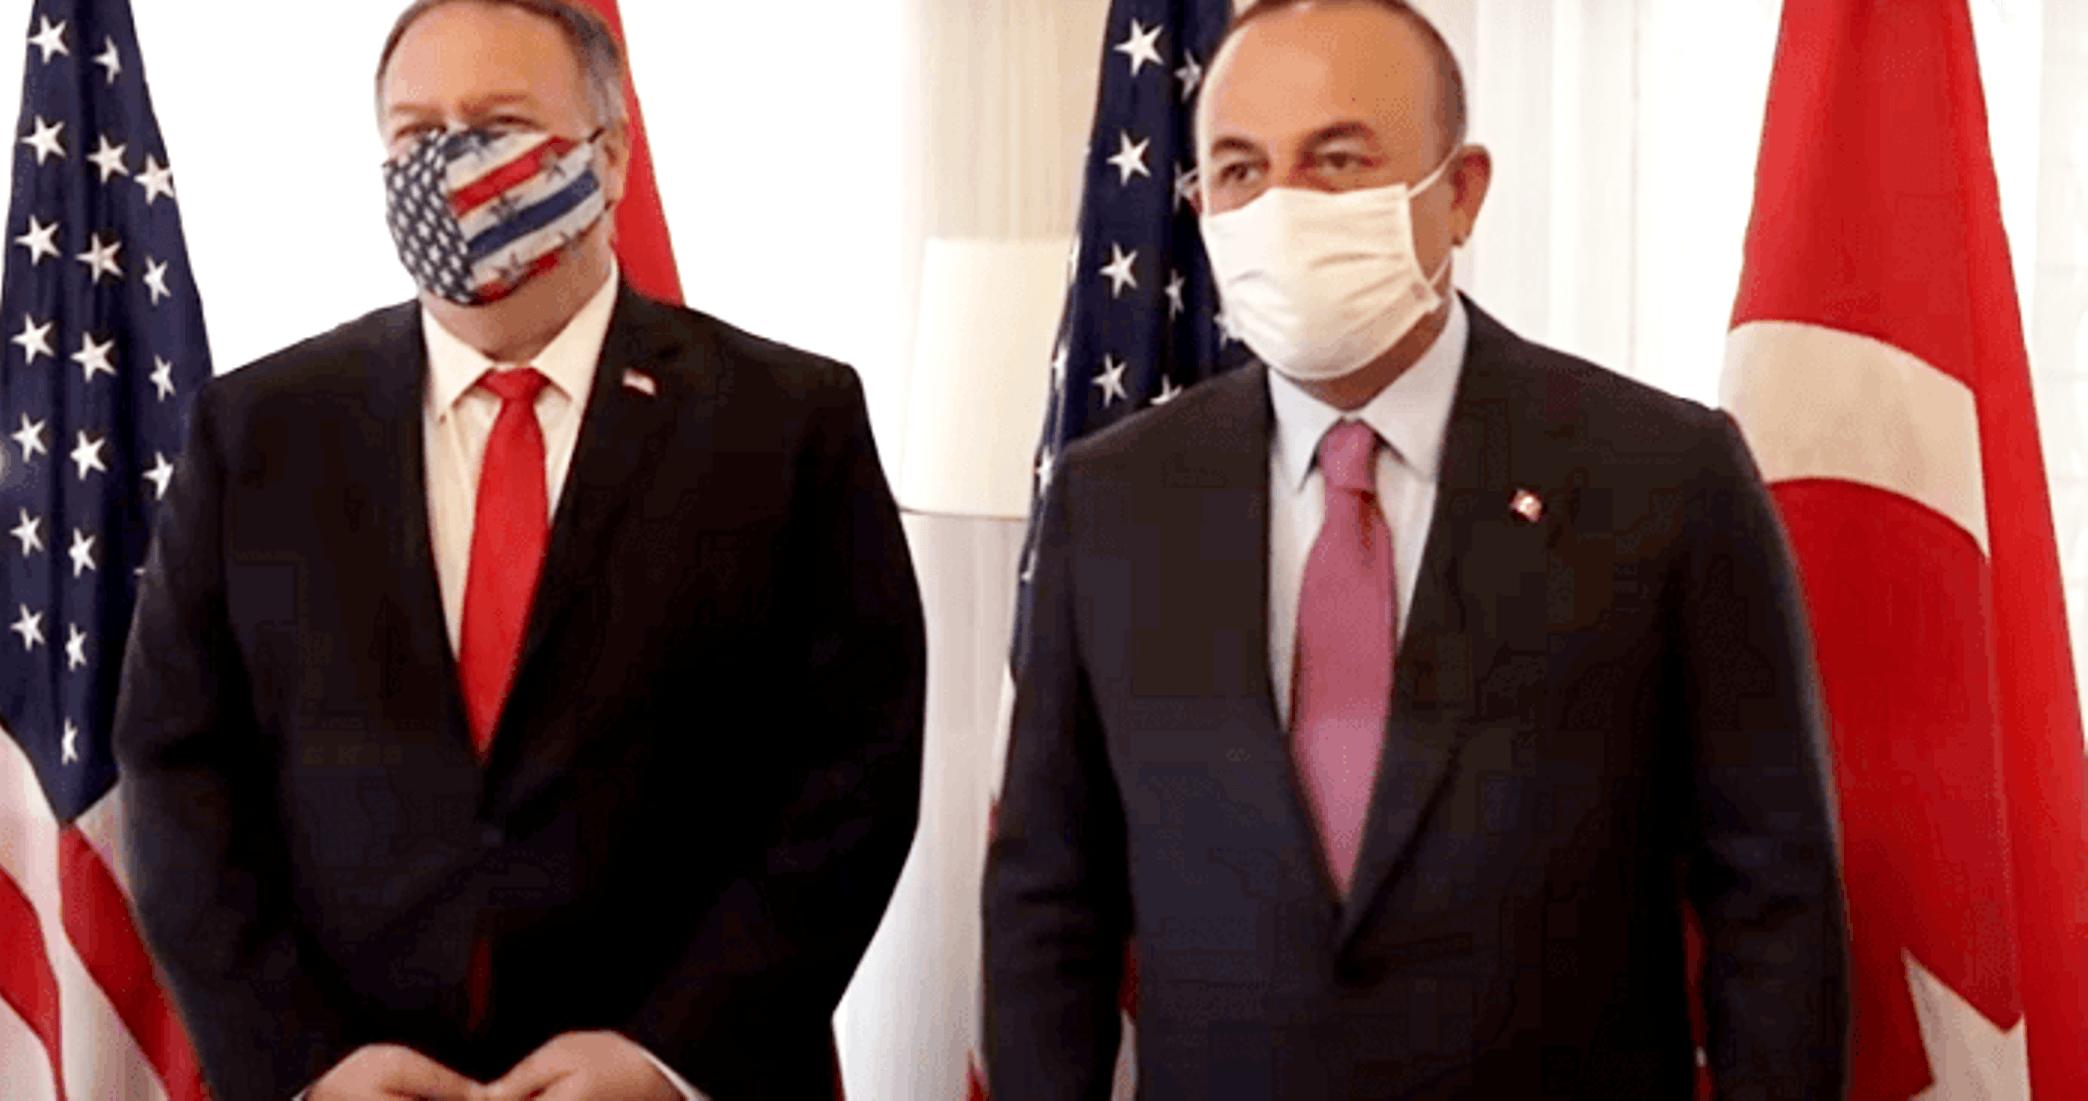 Η σύγκρουση στο διεθνές κατεστημένο και τα ελληνοτουρκικά πολεμικά σενάρια